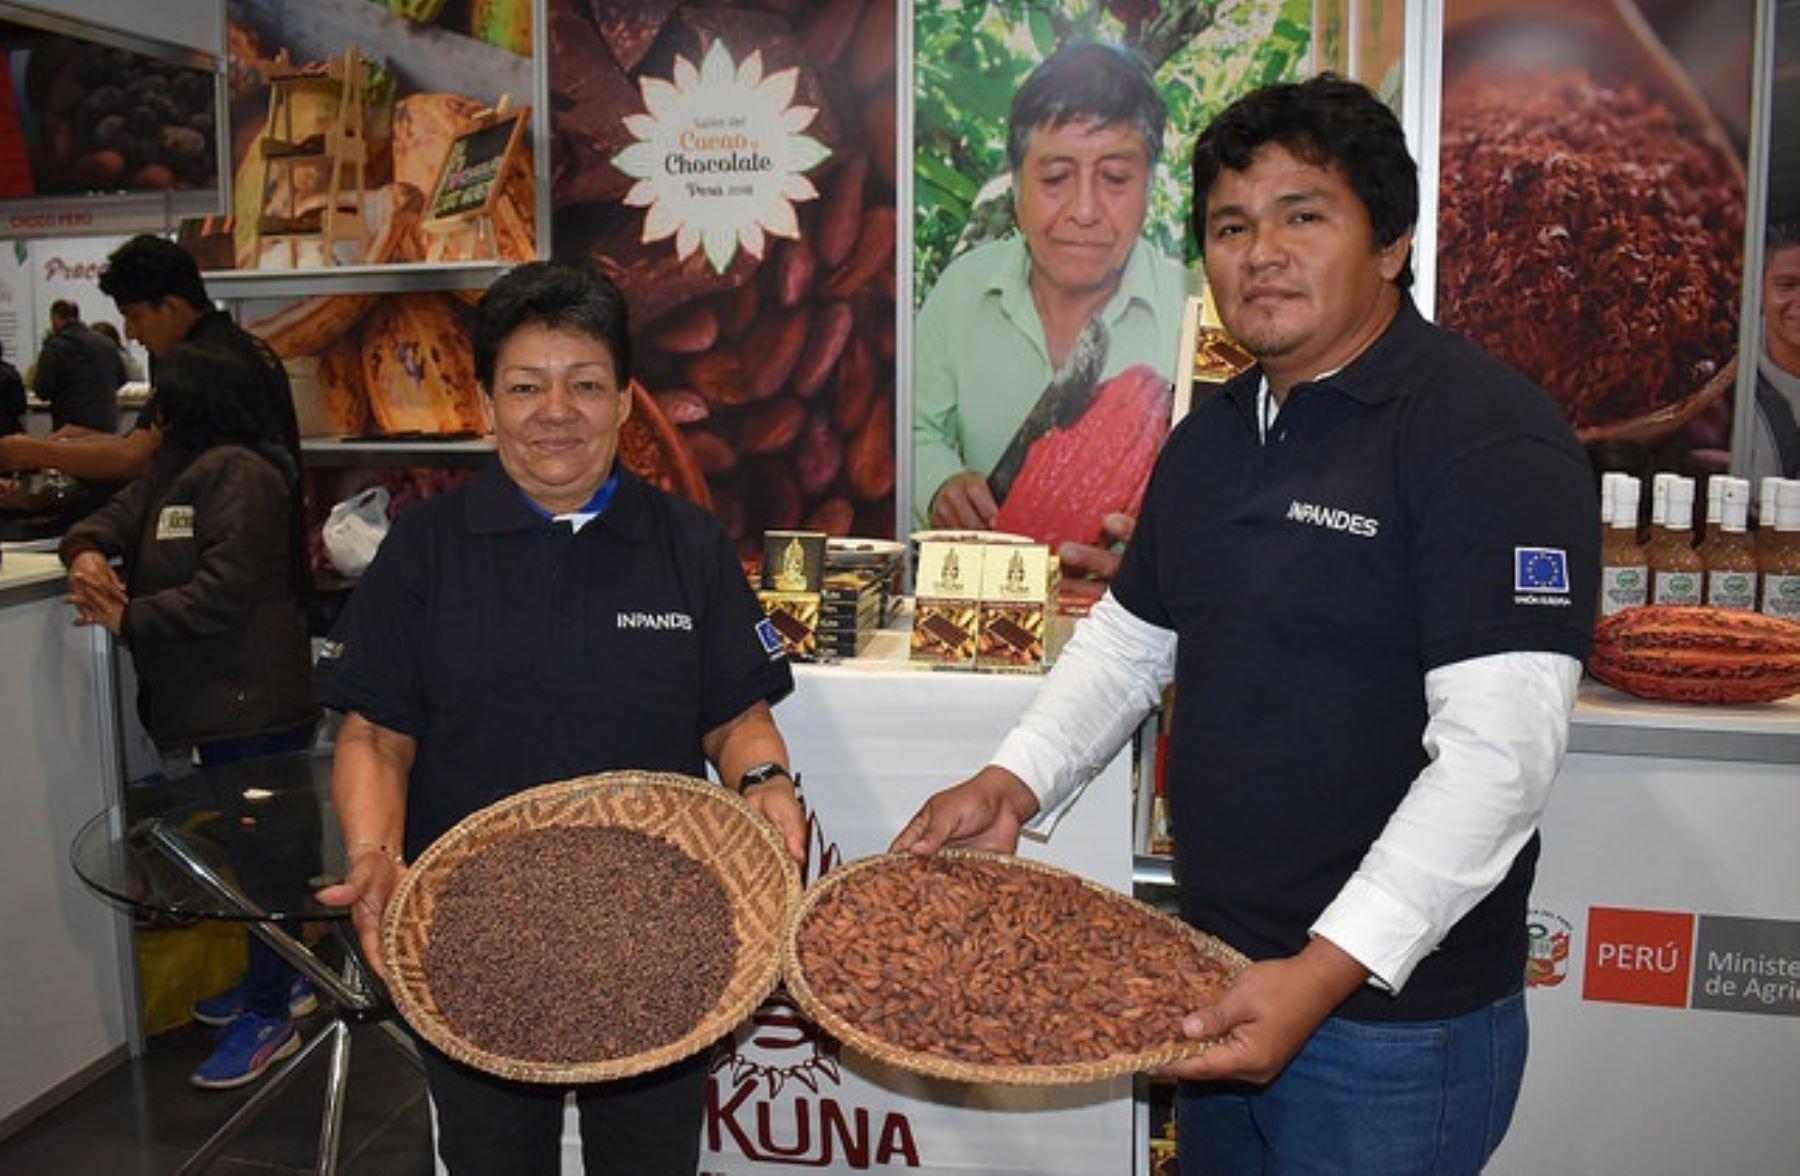 Productores de la zona fronteriza con Colombia en IX Salón del Cacao y Chocolate en Lima. Foto: Cortesía.